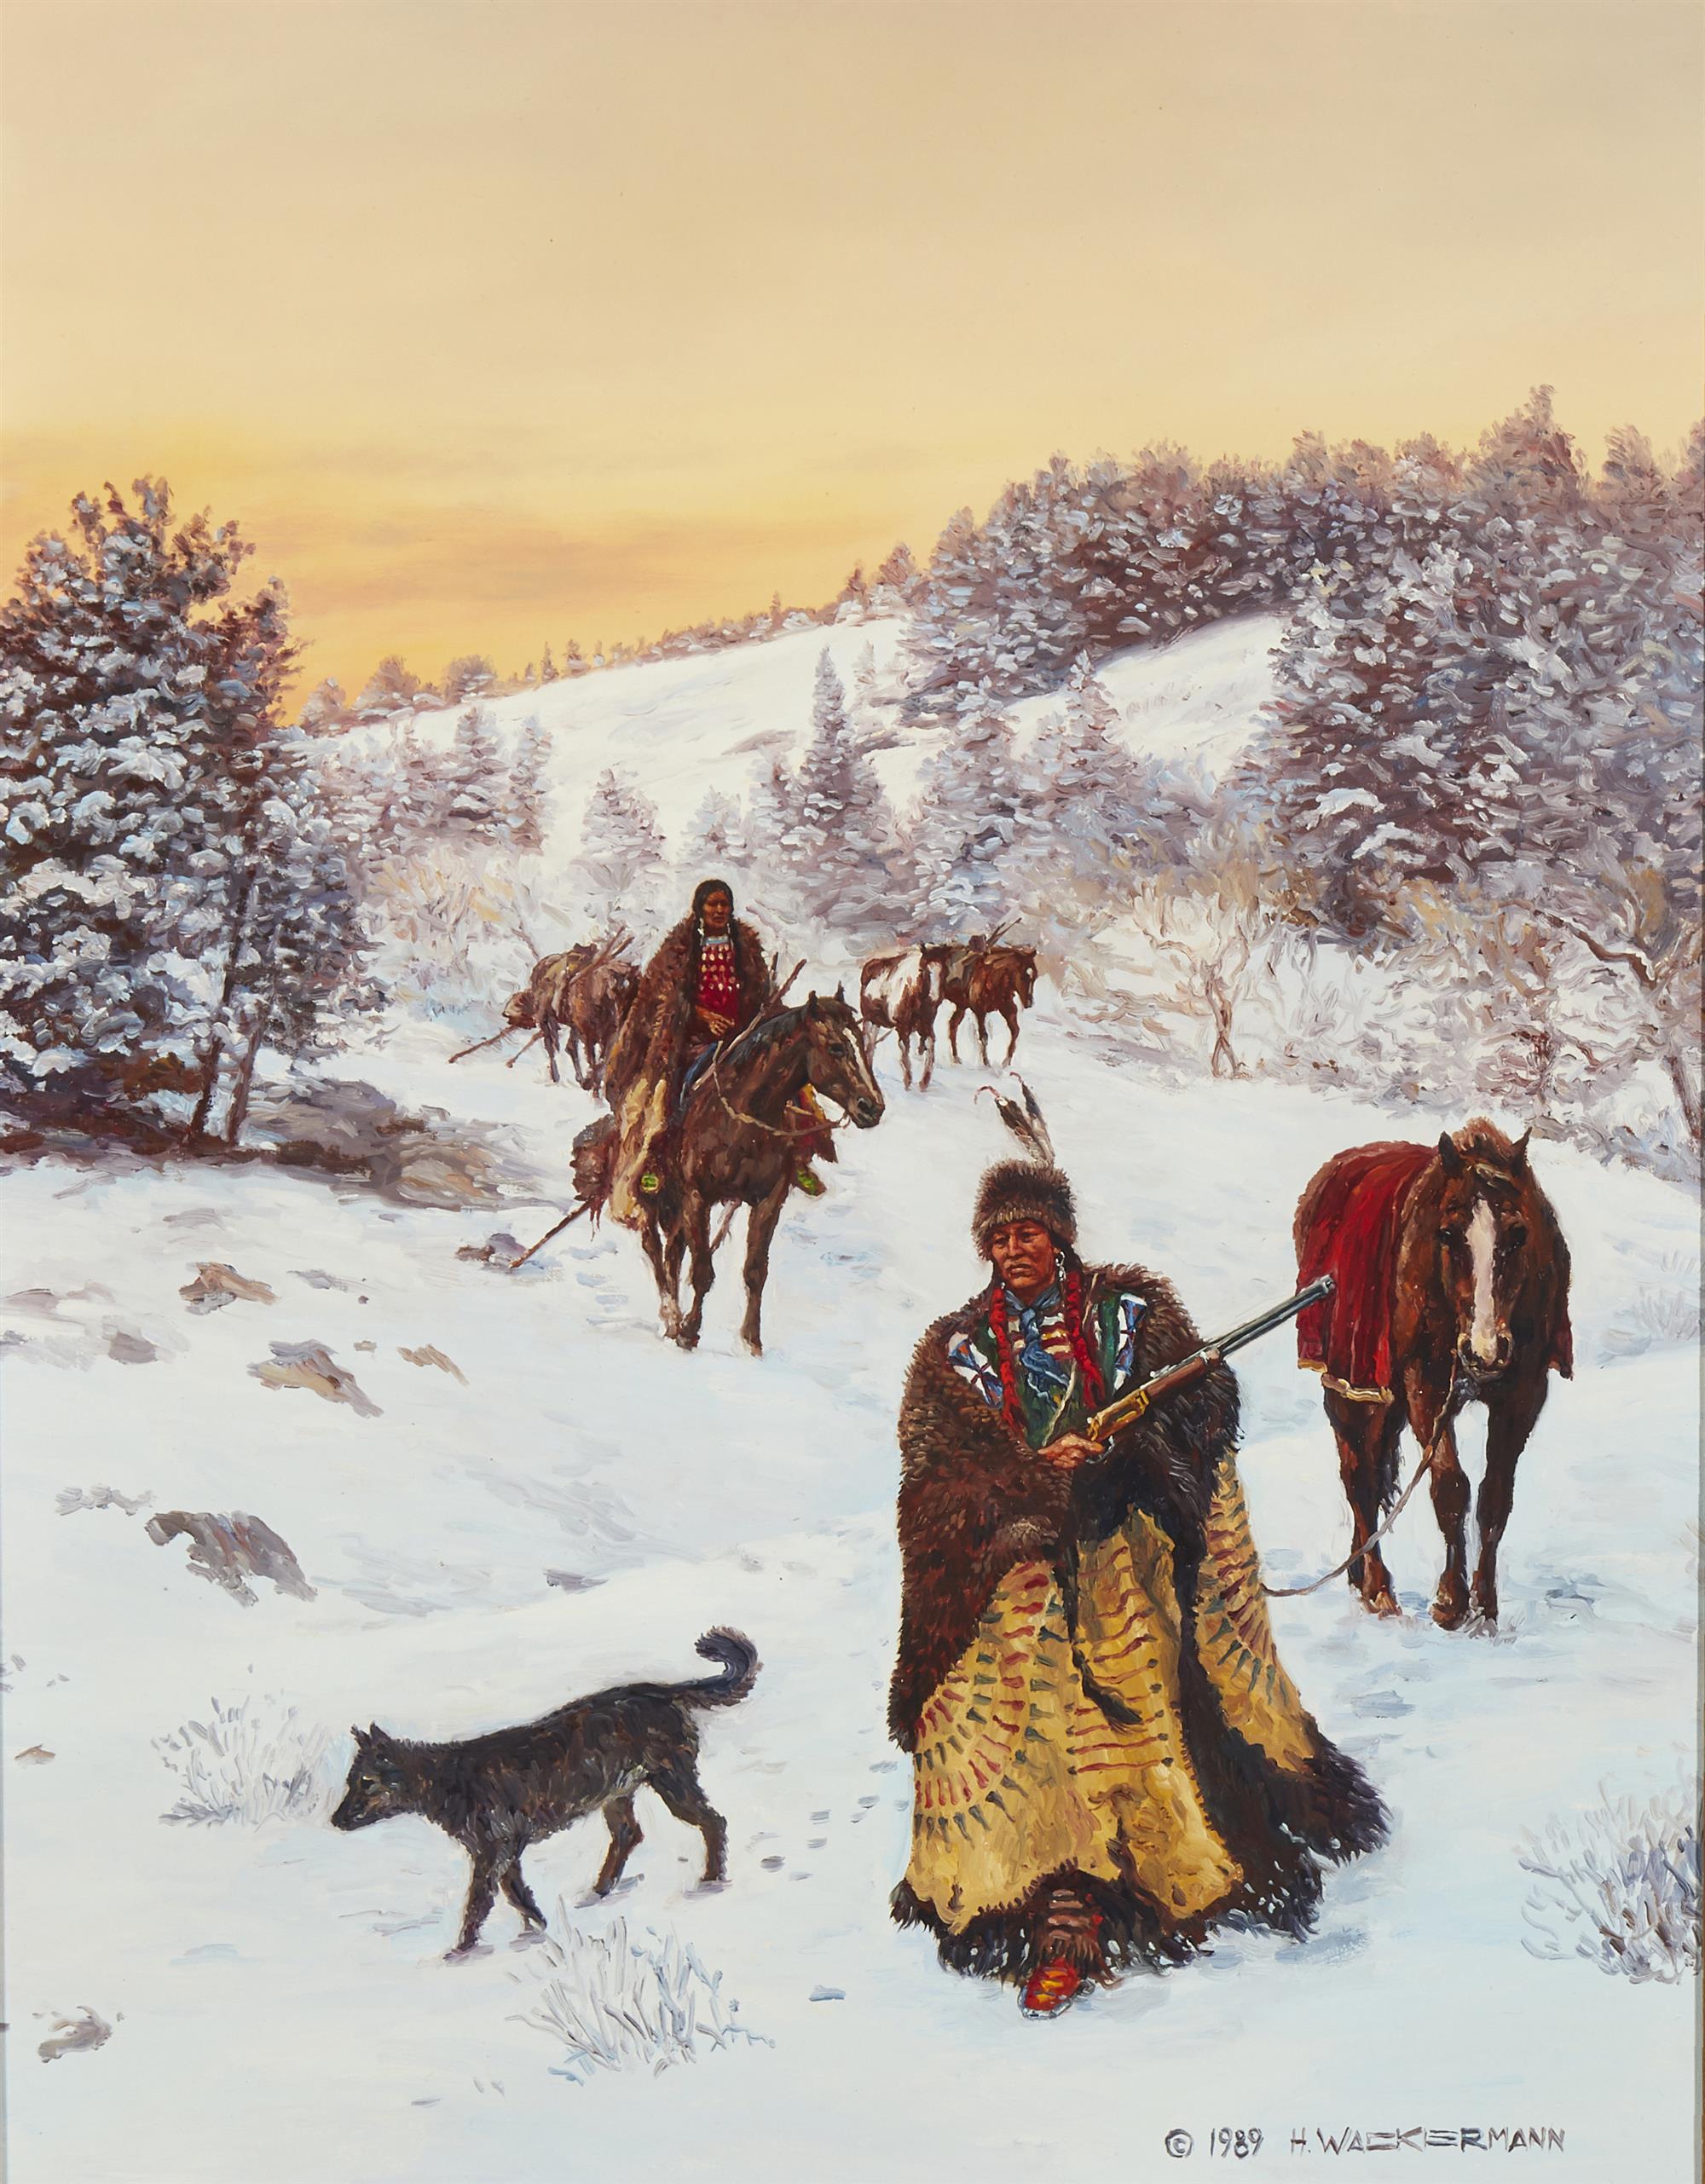 """Hubert Wackermann, (b. 1945, Rio Rancho, NM), Indians in a winter landscape, 1989, Oil on board, 18"""" H x 14"""" W"""